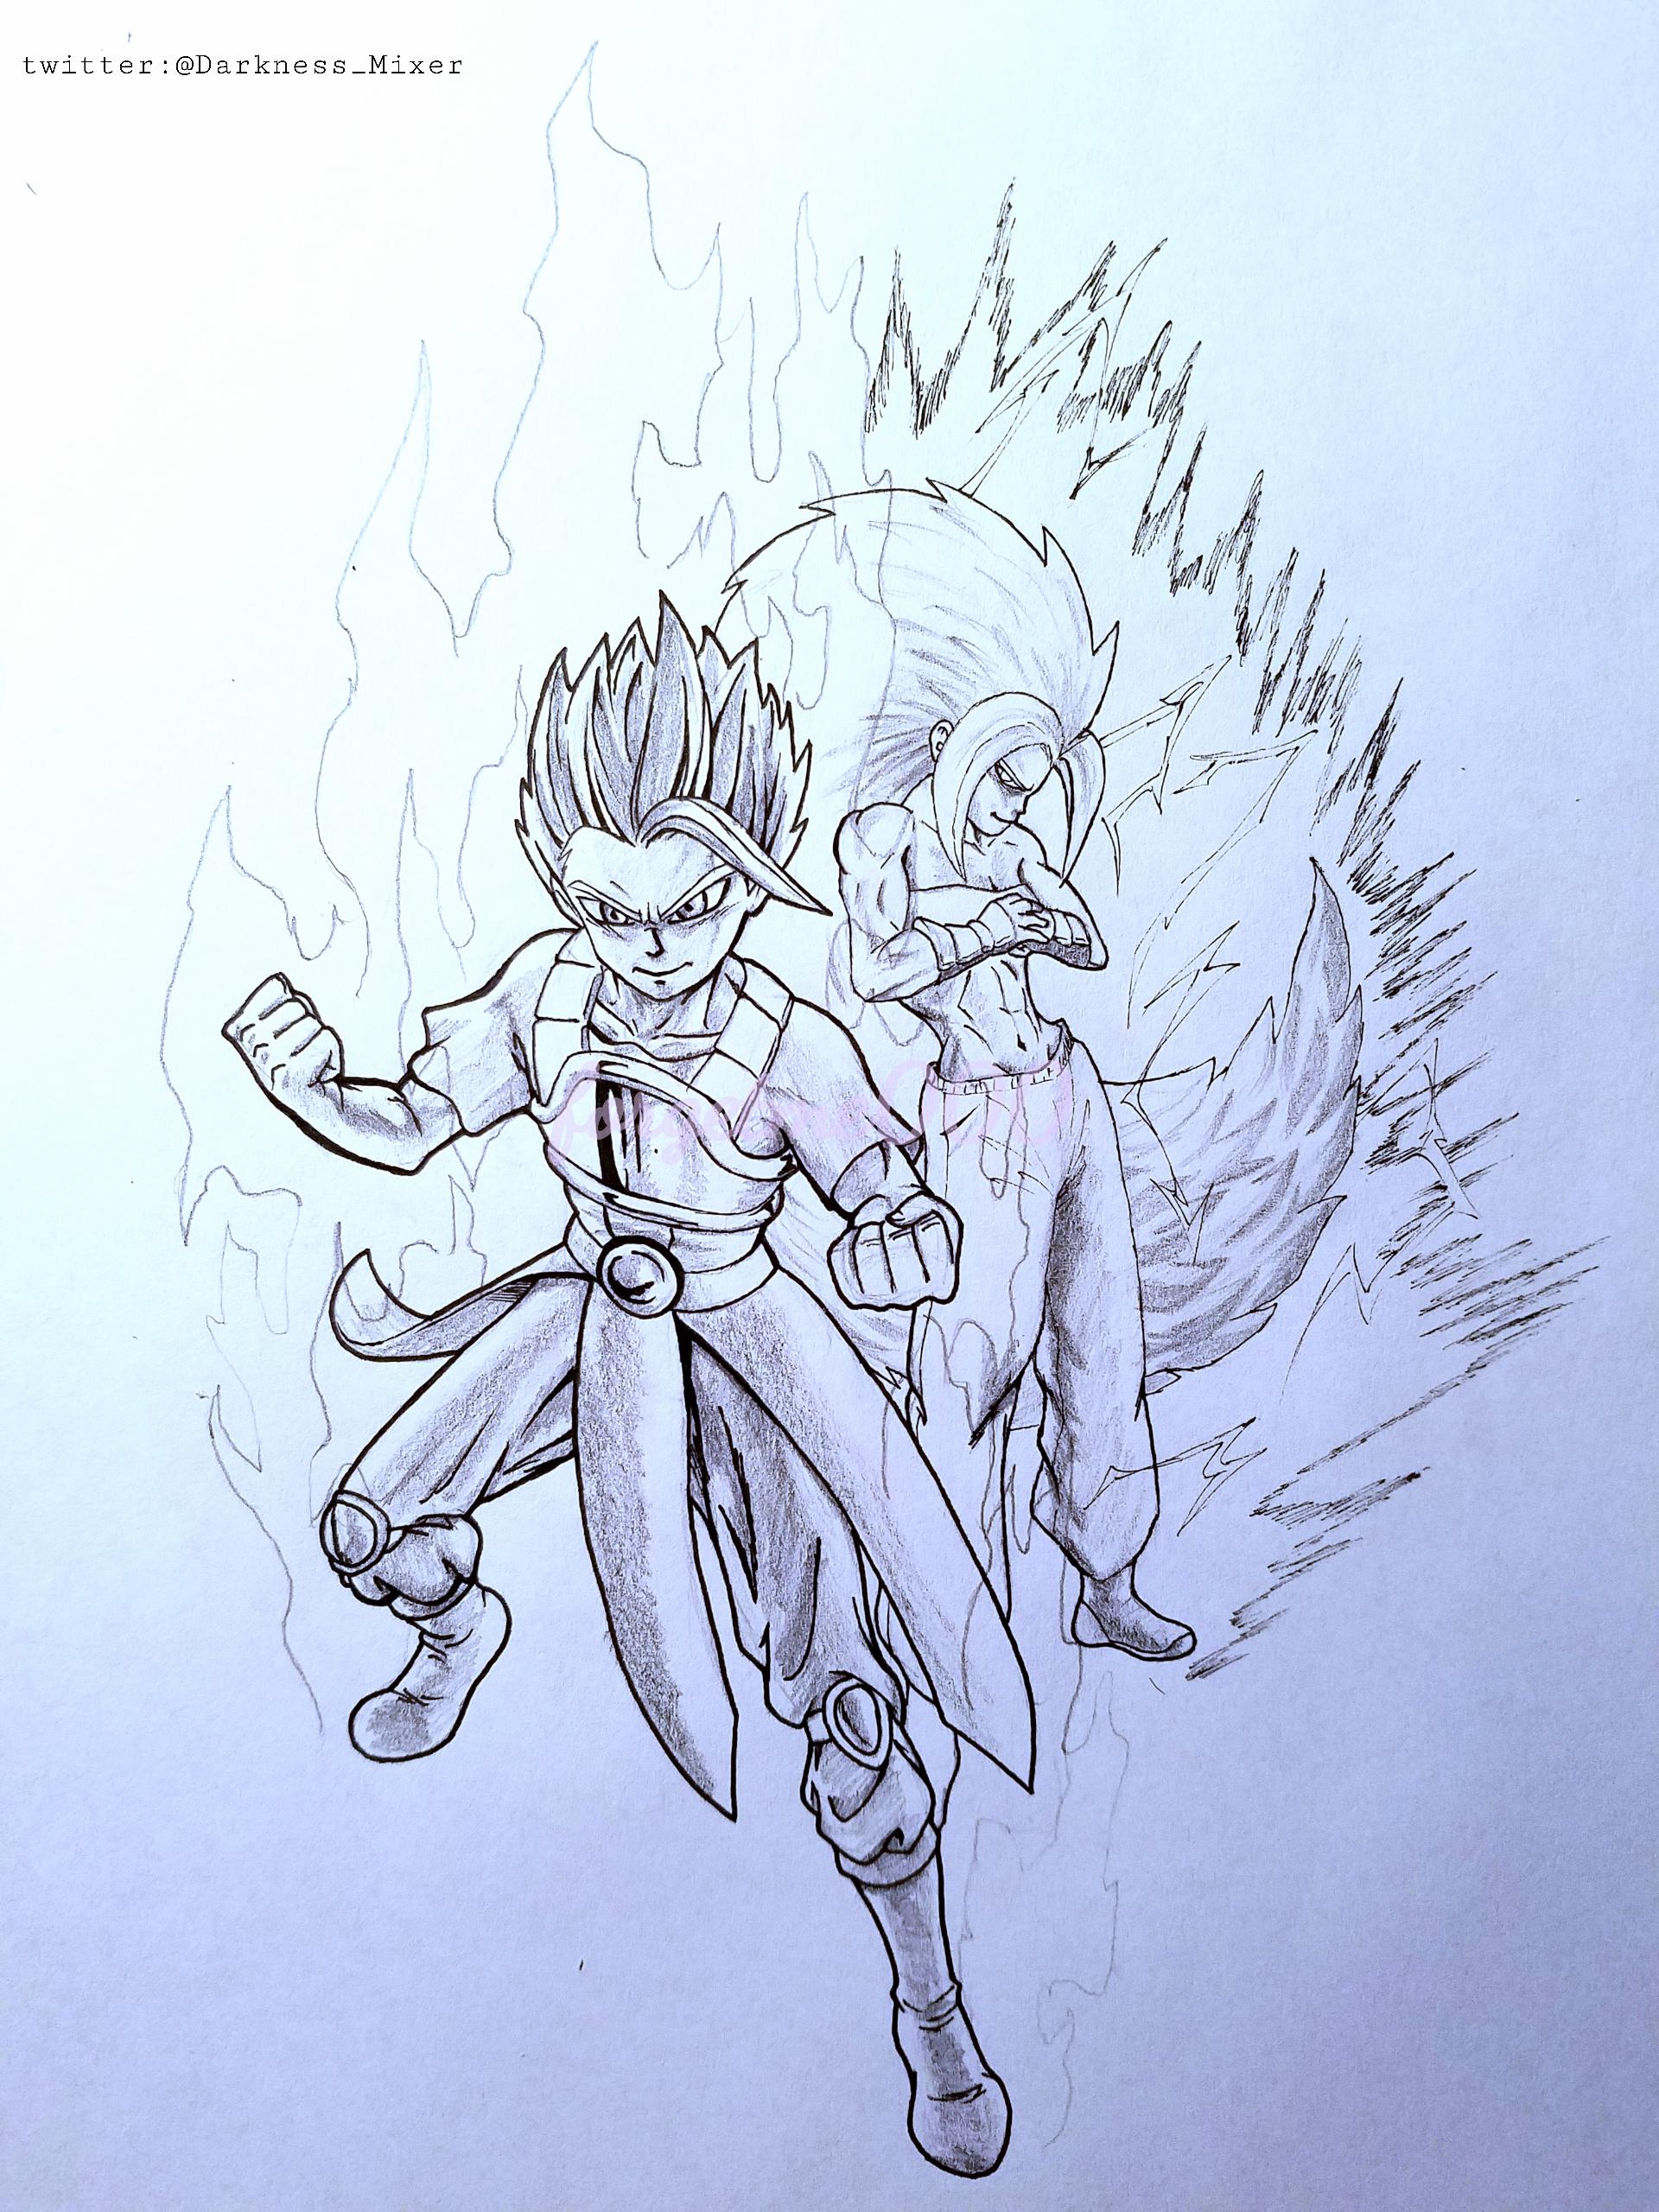 Cabba and Caulifla (dragon ball)